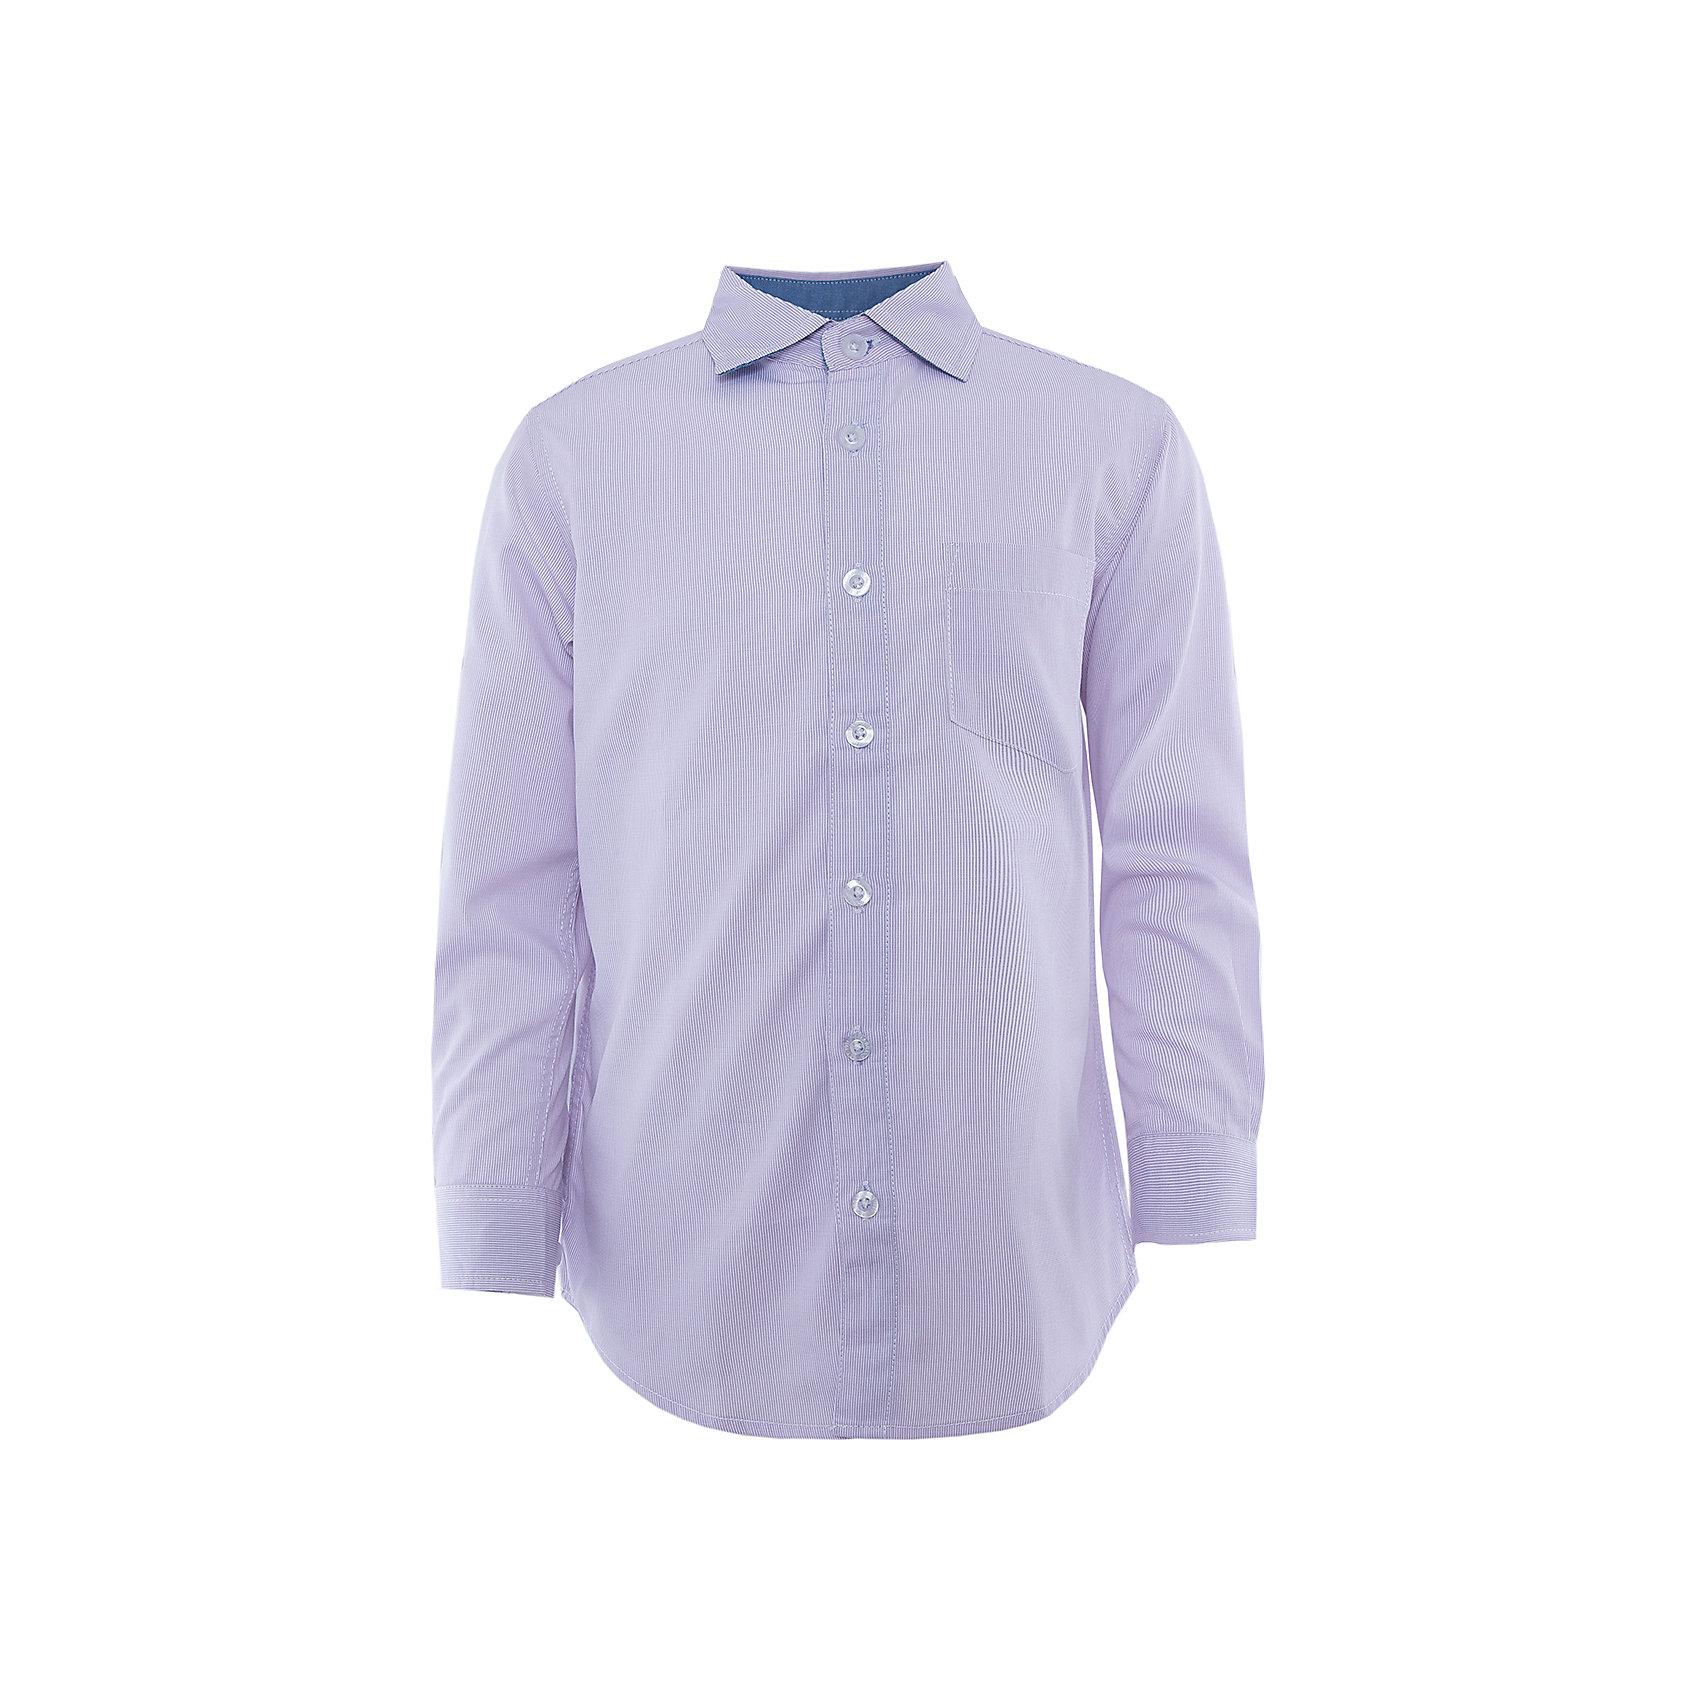 Рубашка для мальчика SELAБлузки и рубашки<br>Детская одежда от SELA - это качество и отличные цены. Рубашка для мальчика из новой коллекции – прекрасно подойдет для обновления гардероба к новому учебному году. Строгость и стиль – главные достоинства модели.<br>На рукавах у рубашки есть модные декоративные элементы синего цвета, привлекающие внимание. Модель не имеет рисунка, но едва заметный орнамент делает изделие оригинальным. Нежный цвет позволит комбинировать рубашку с любимыми вещами. Все материалы, использованные в создании изделия,  отвечают современным требованиям по качеству и безопасности продукции. <br><br>Дополнительная информация:<br><br>цвет: лаванда;<br>состав: 65% хлопок, 35% ПЭ;<br>рукав длинный;<br>силуэт прямой.<br><br>Рубашку для мальчика от компании SELA можно купить в нашем магазине.<br><br>Ширина мм: 174<br>Глубина мм: 10<br>Высота мм: 169<br>Вес г: 157<br>Цвет: голубой<br>Возраст от месяцев: 132<br>Возраст до месяцев: 144<br>Пол: Мужской<br>Возраст: Детский<br>Размер: 152,134,128,122,146,116,158,140,164,170<br>SKU: 4913046